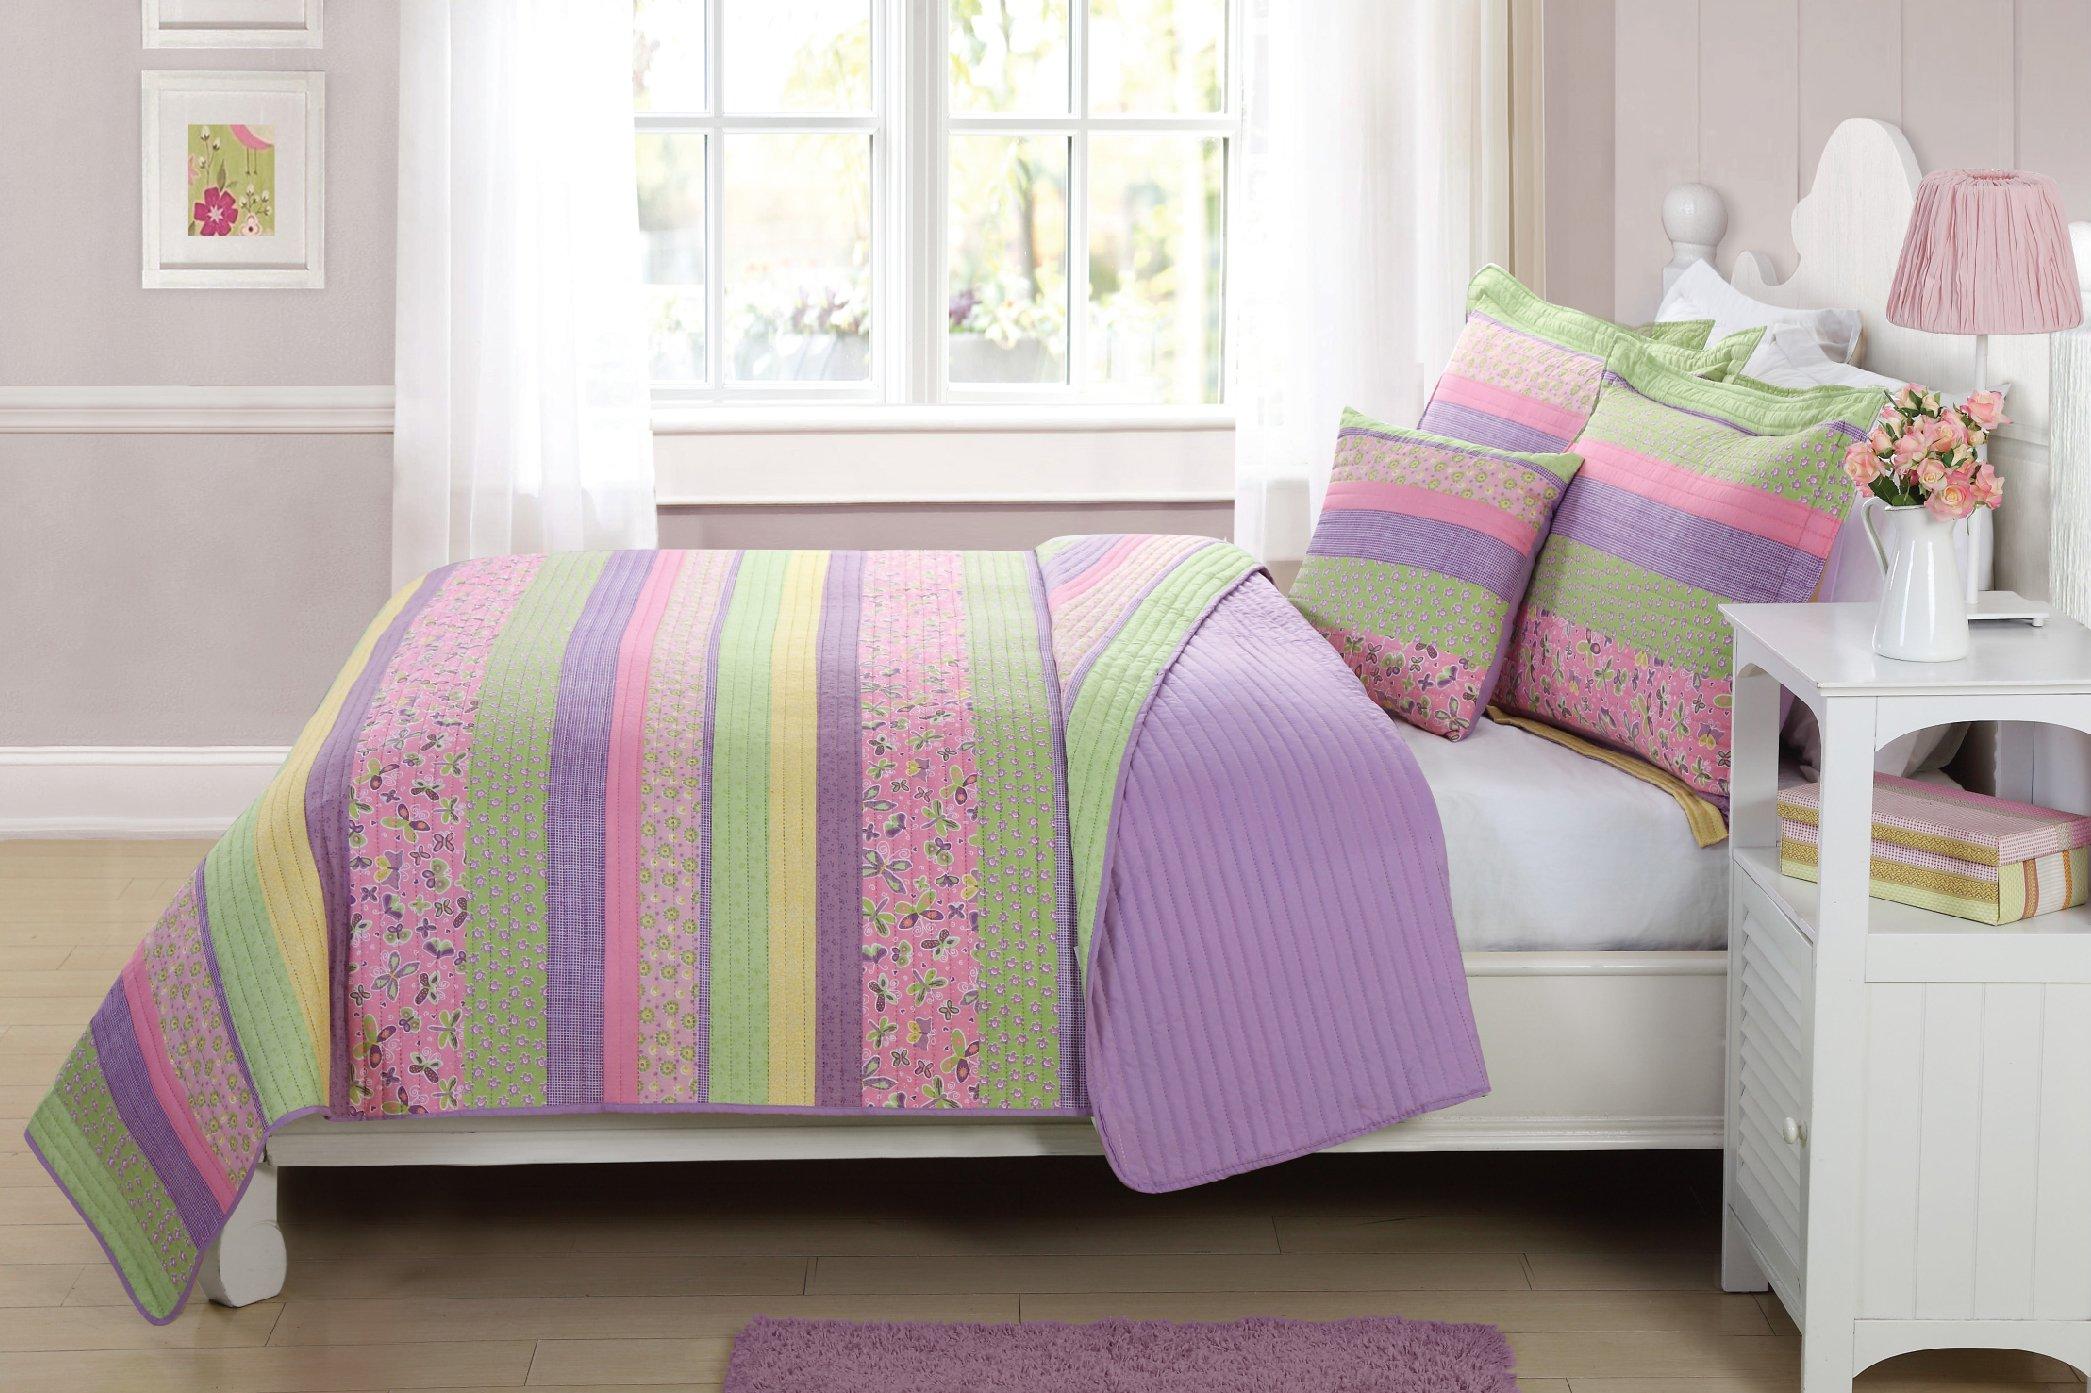 Fancy Linen Bedspread Coverlet 4 Pc Full Size Stripe Butterfly Flowers Pink Purple Green Yellow Reversible Kids/Teens/Girls New#Daisy dream by Fancy Linen LLC